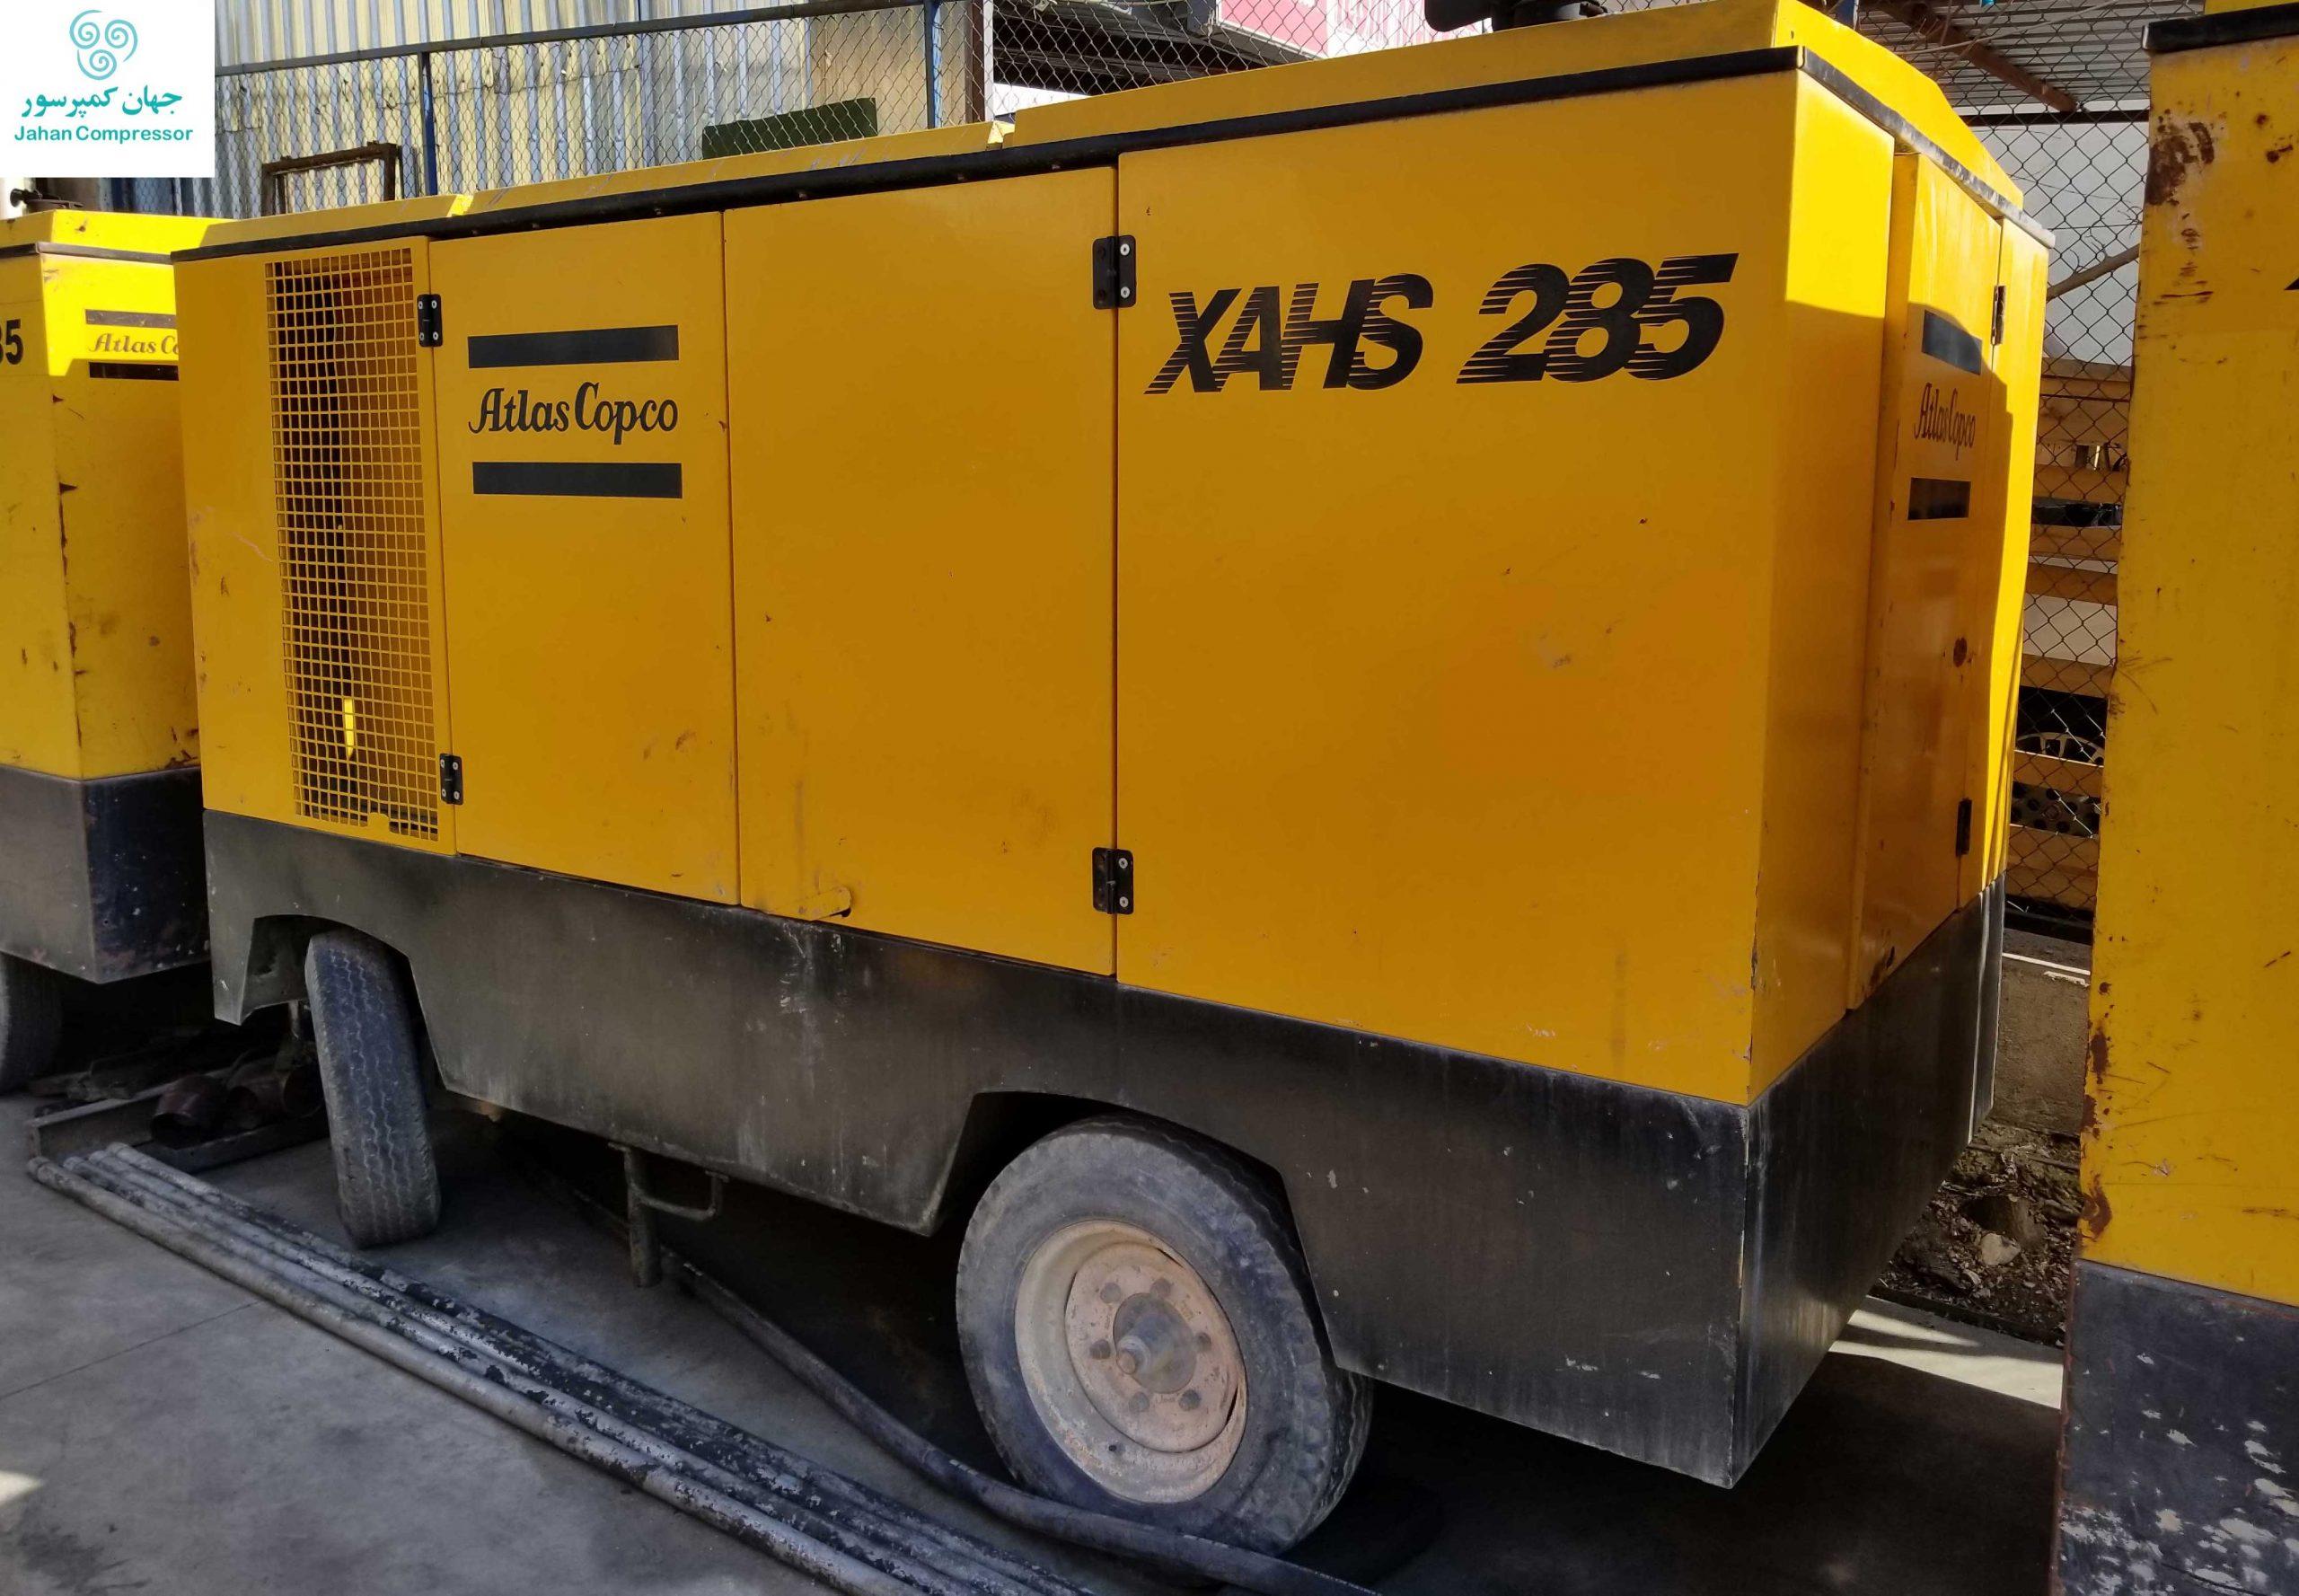 کمپرسور دیزل اطلس کوپکو مدل XAHS 285